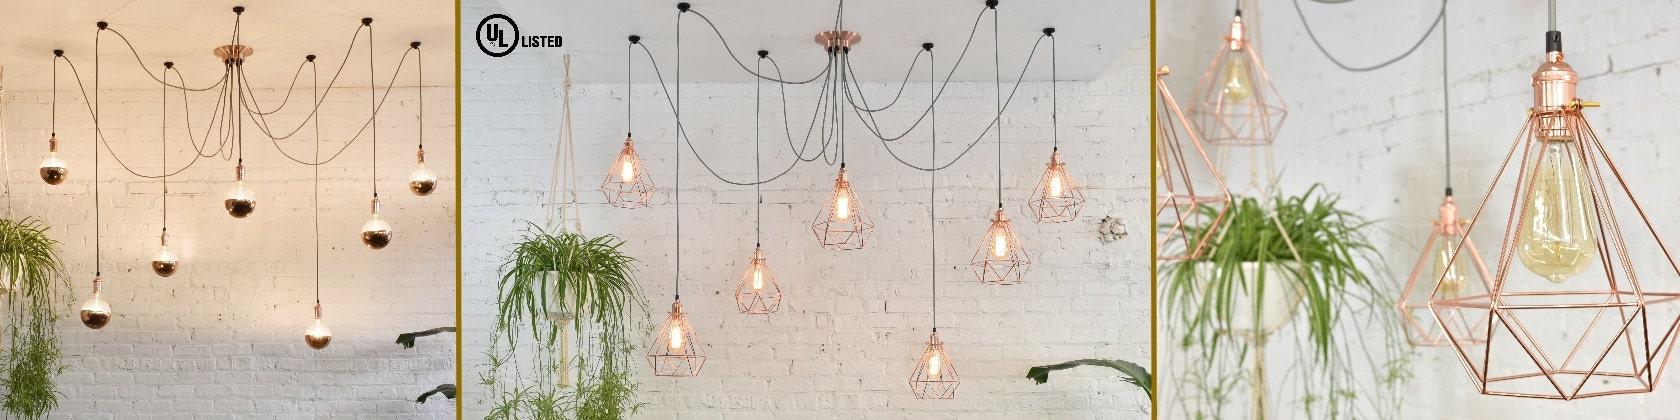 Hanging Pendant Lights and Chandelier Lighting de